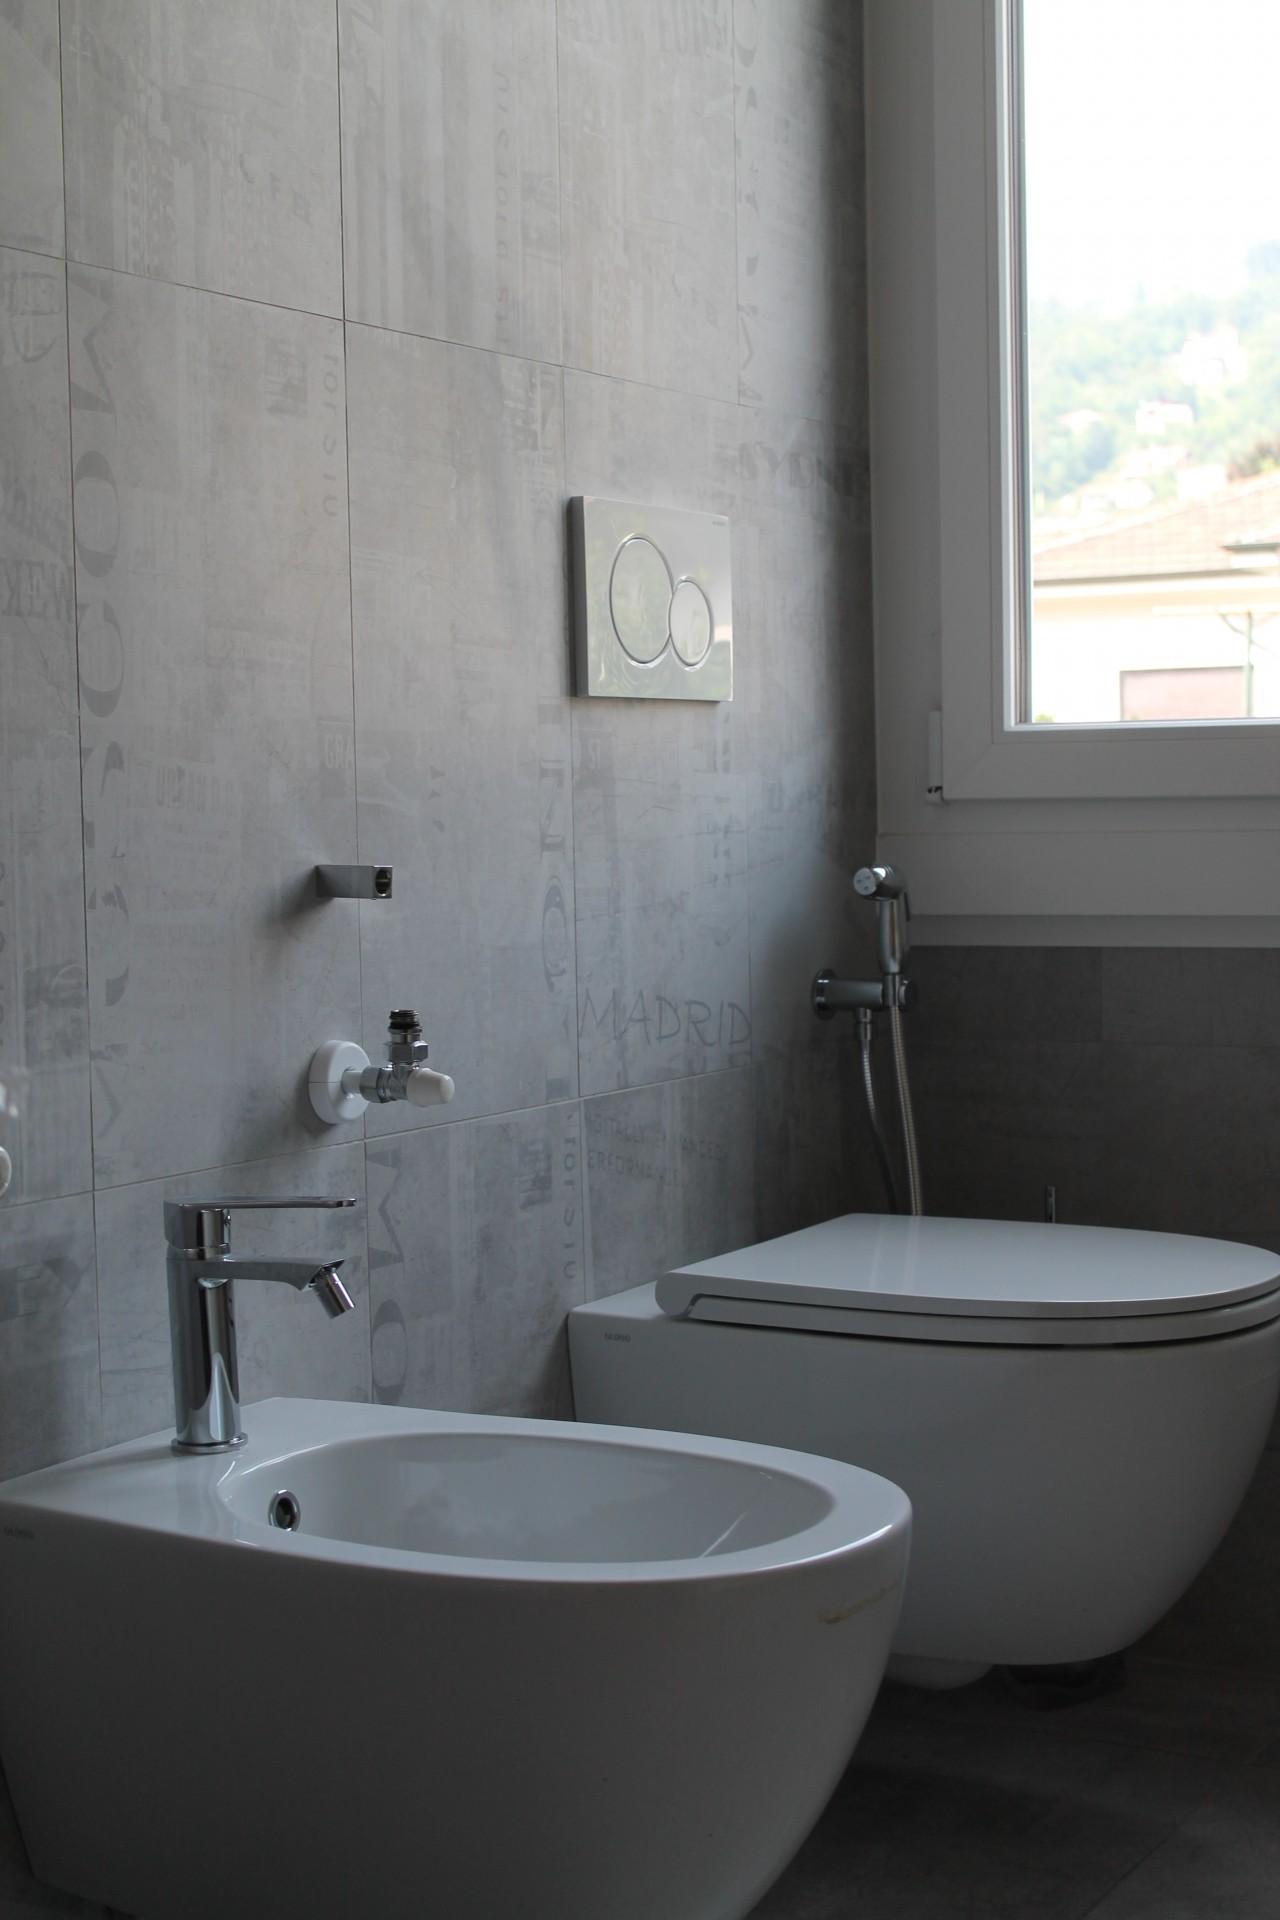 Bagni in gres porcellanato sinergy zero9 - Bagno gres porcellanato ...